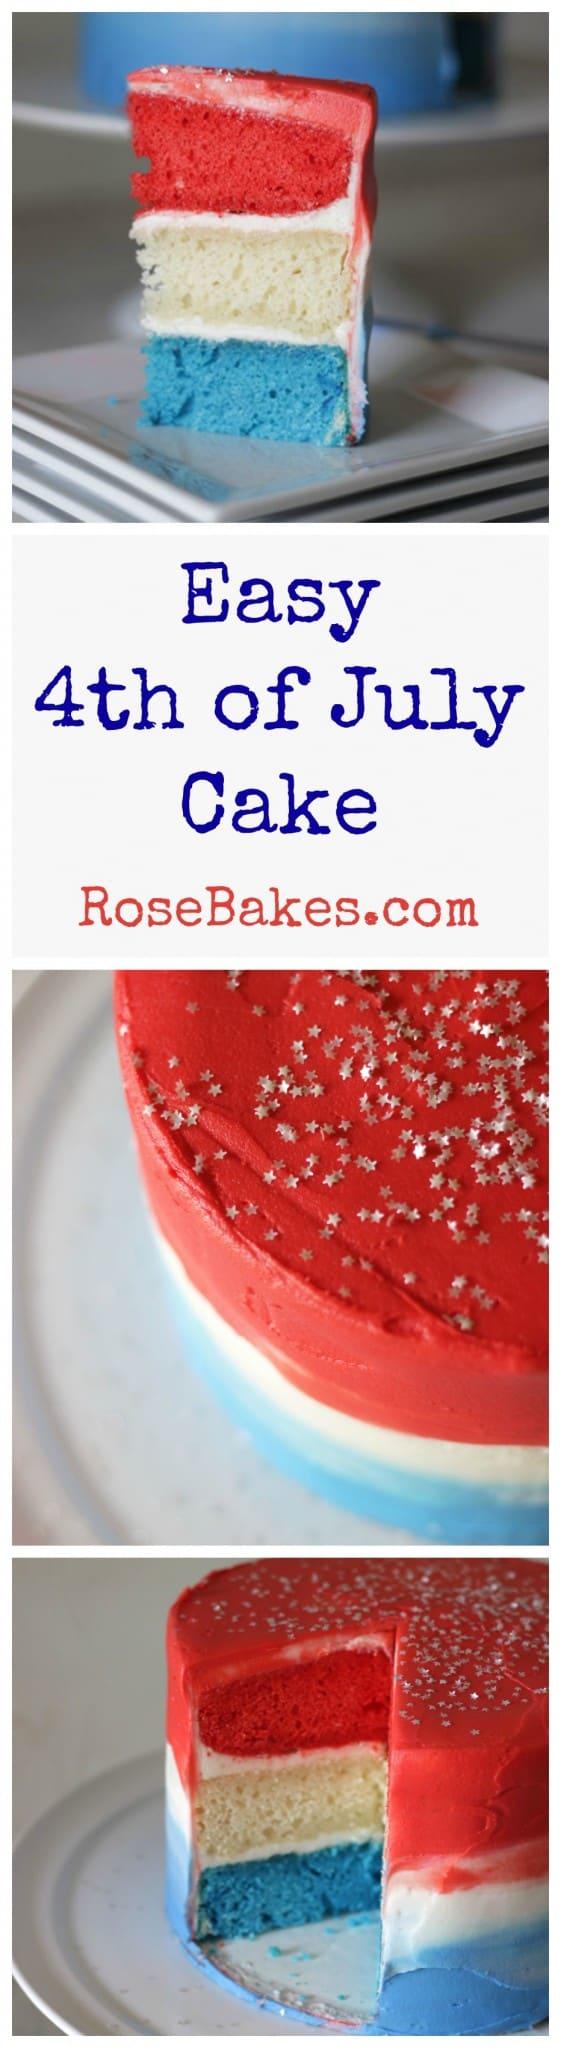 Easy 4th of July Cake RoseBakes.com